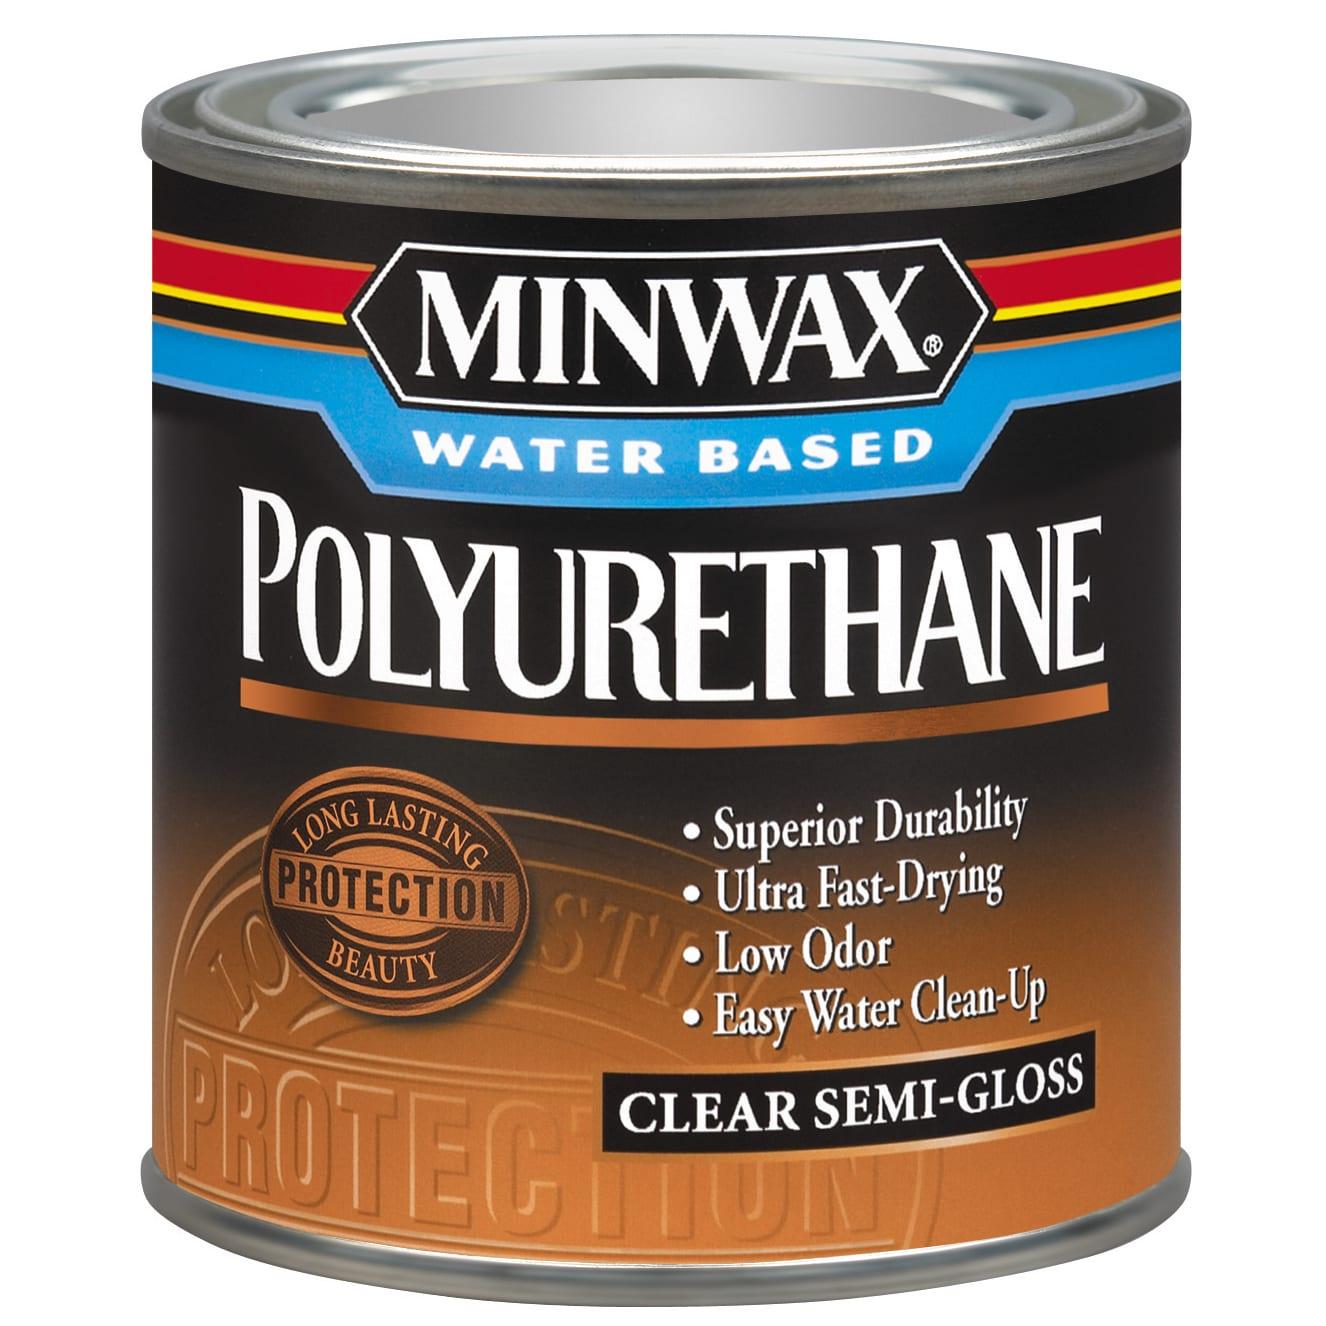 Minwax 23020 1/2 Pint Minwax Water Based Polyurethane (In...